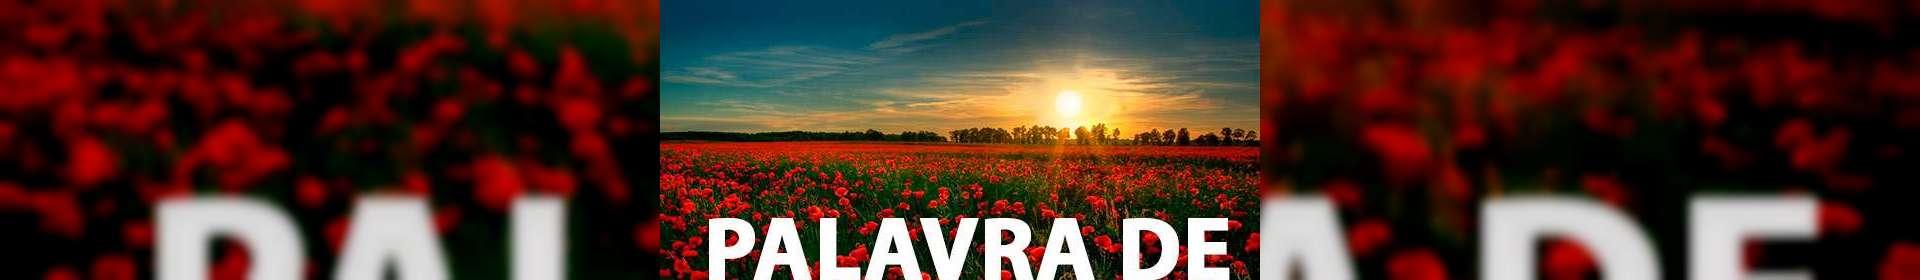 Apocalipse 14:7 - Uma Palavra de Esperança para sua vida